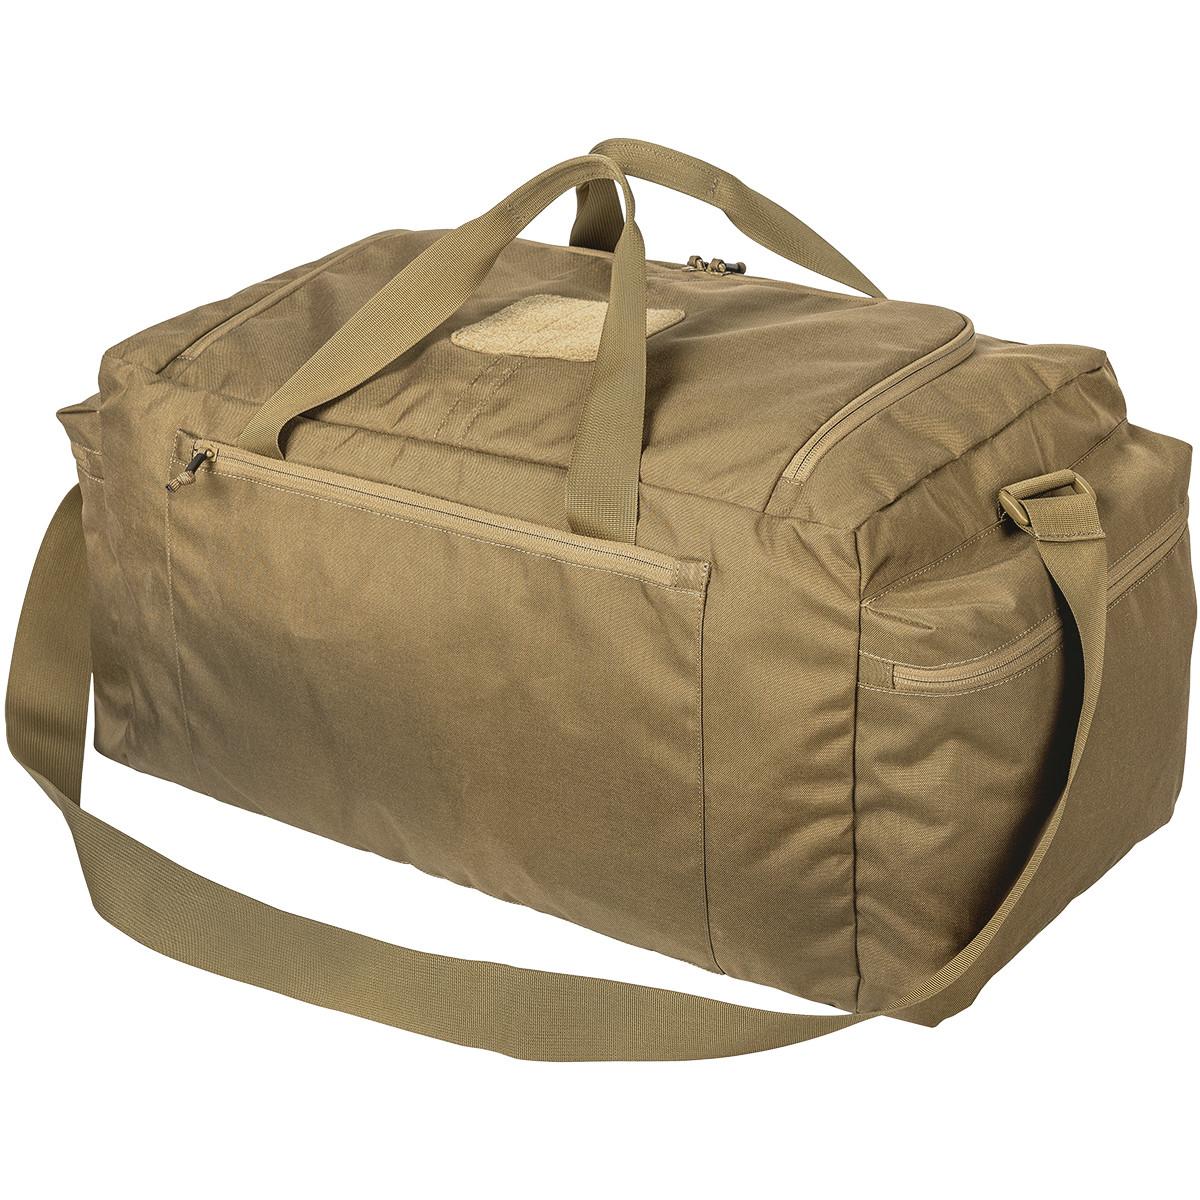 Сумка тренировочная Helikon-Tex® URBAN TRAINING BAG® - Cordura® - Койот